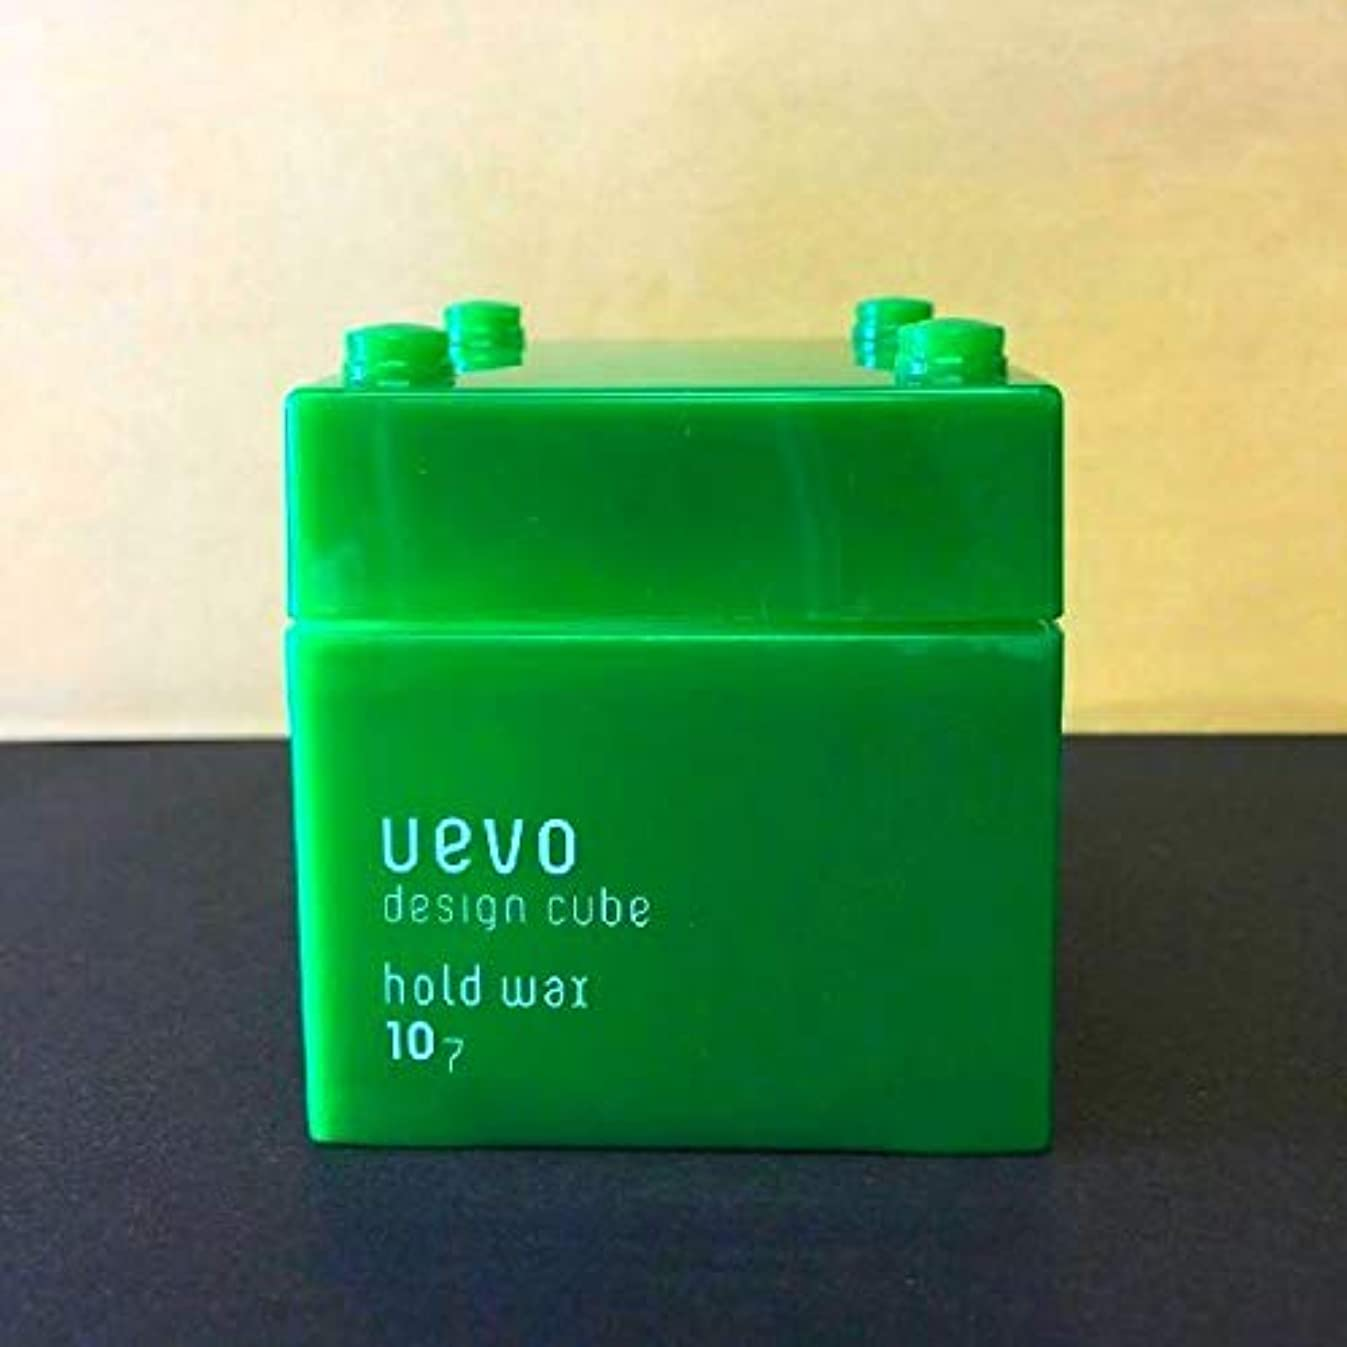 夕暮れ水曜日角度【X3個セット】 デミ ウェーボ デザインキューブ ホールドワックス 80g hold wax DEMI uevo design cube